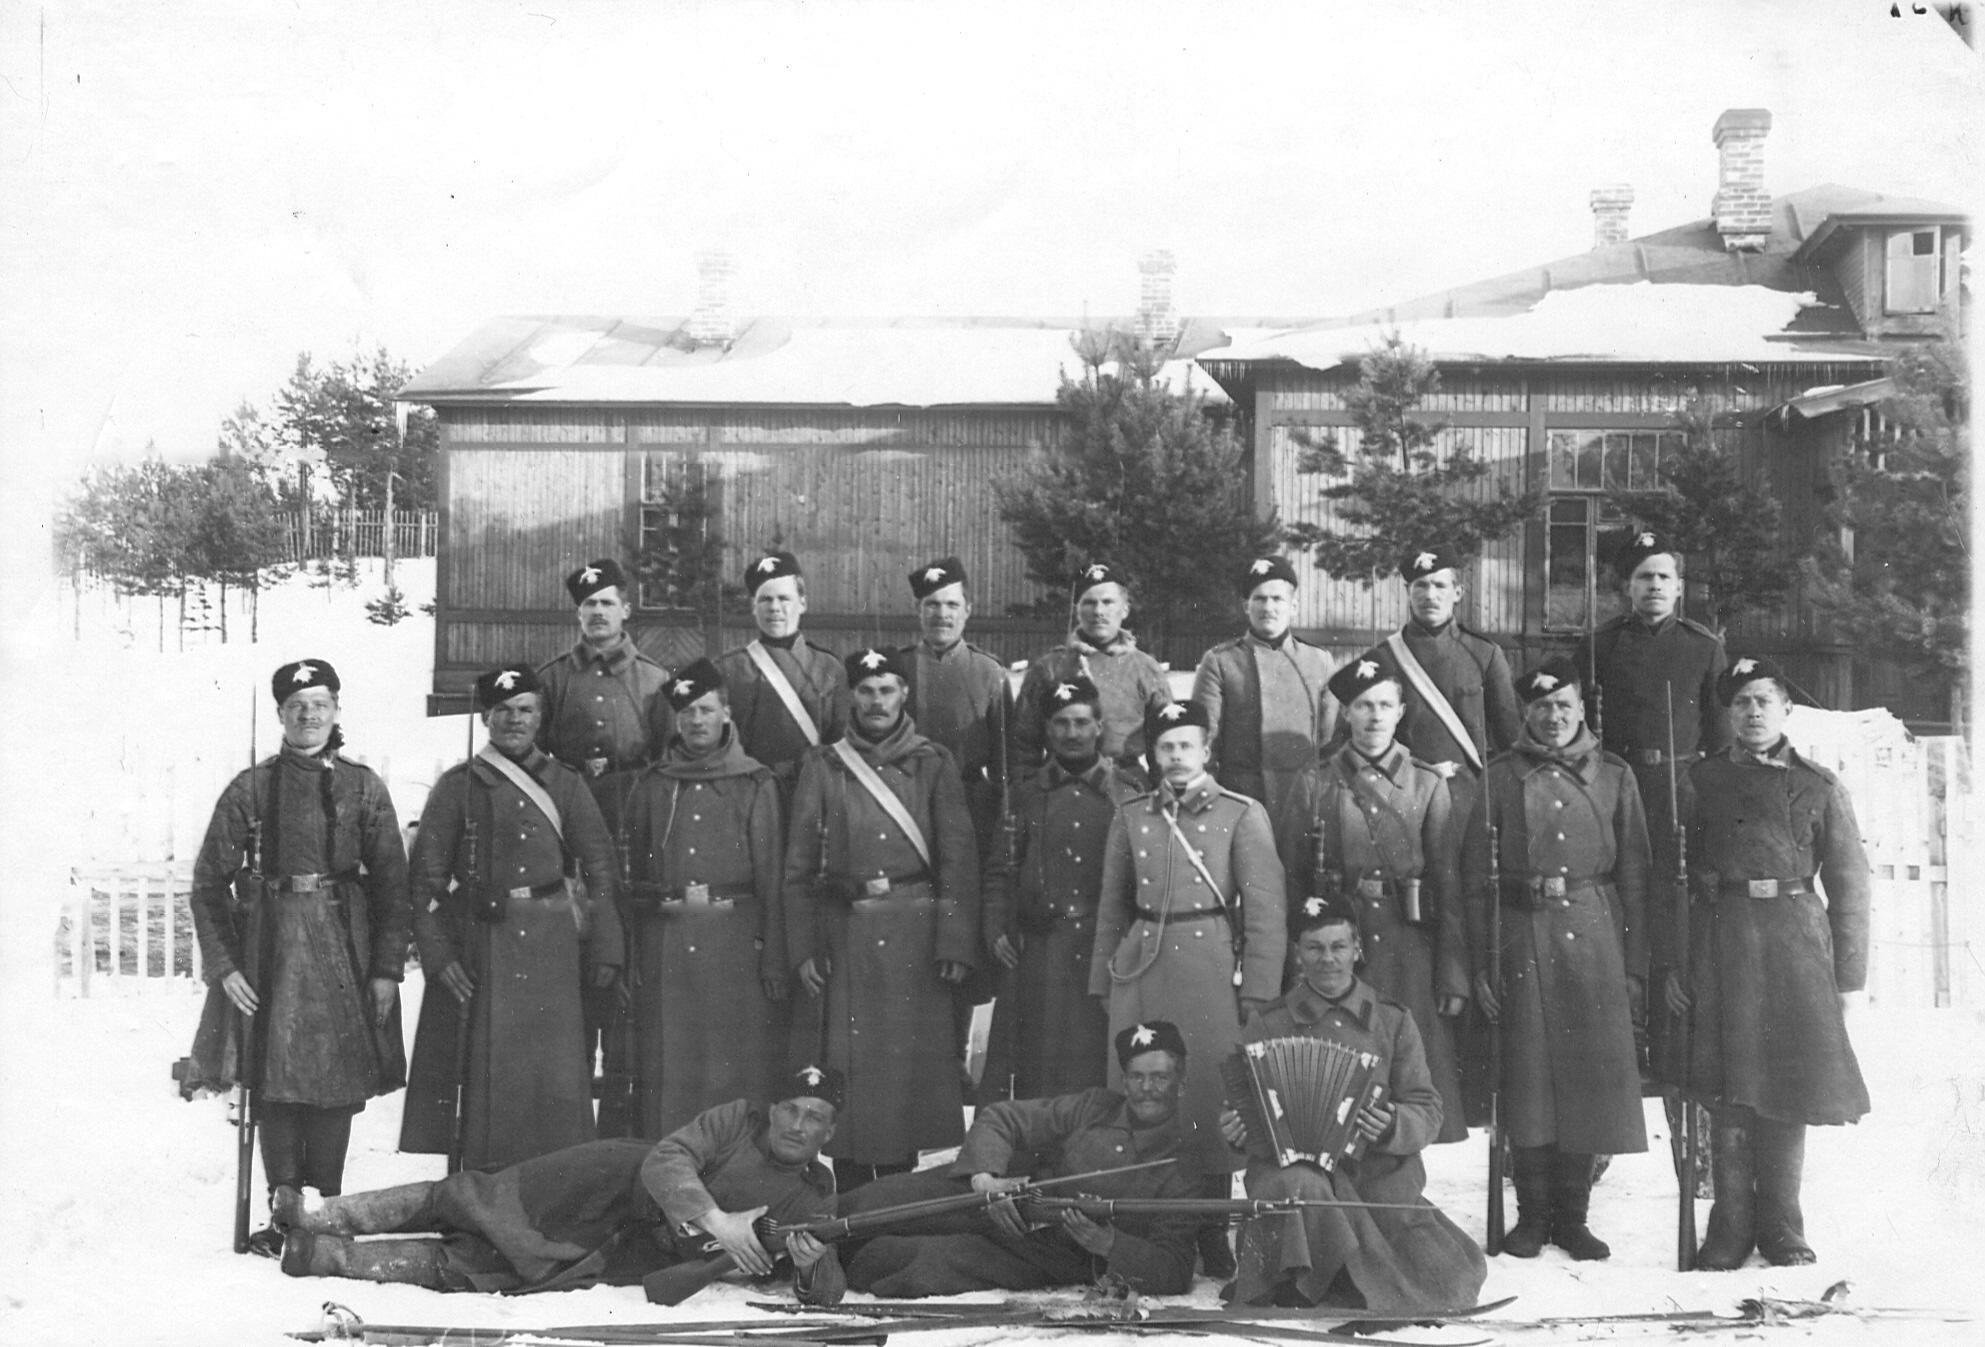 Группа солдат 2-го Царскосельского стрелкового батальона, проходящих учения при 1-ой Петербургской императора Александра III бригаде отдельного корпуса пограничной стражи.